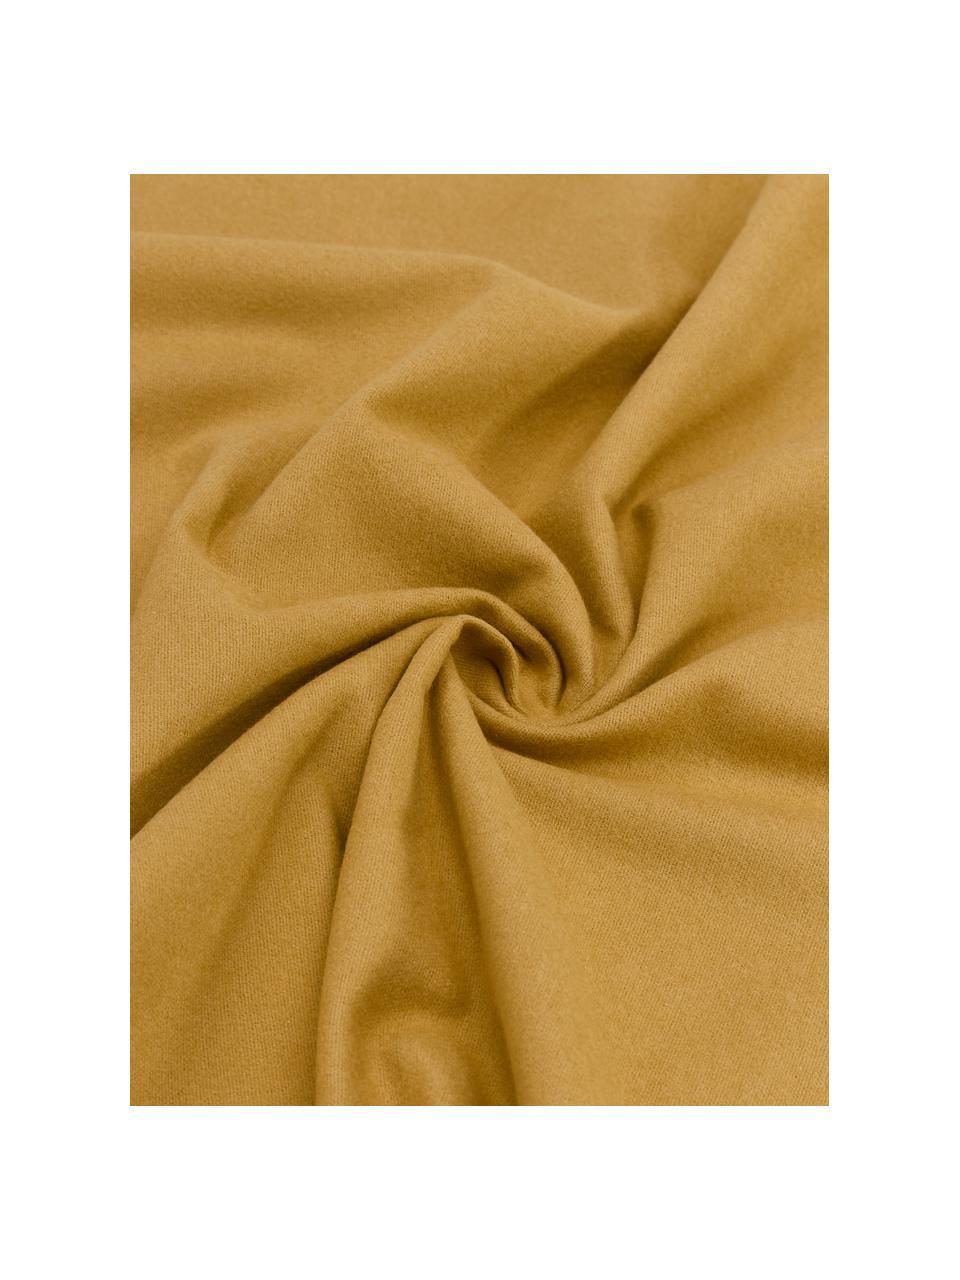 Pościel z flaneli Biba, Żółty, 135 x 200 cm + 1 poduszka 80 x 80 cm